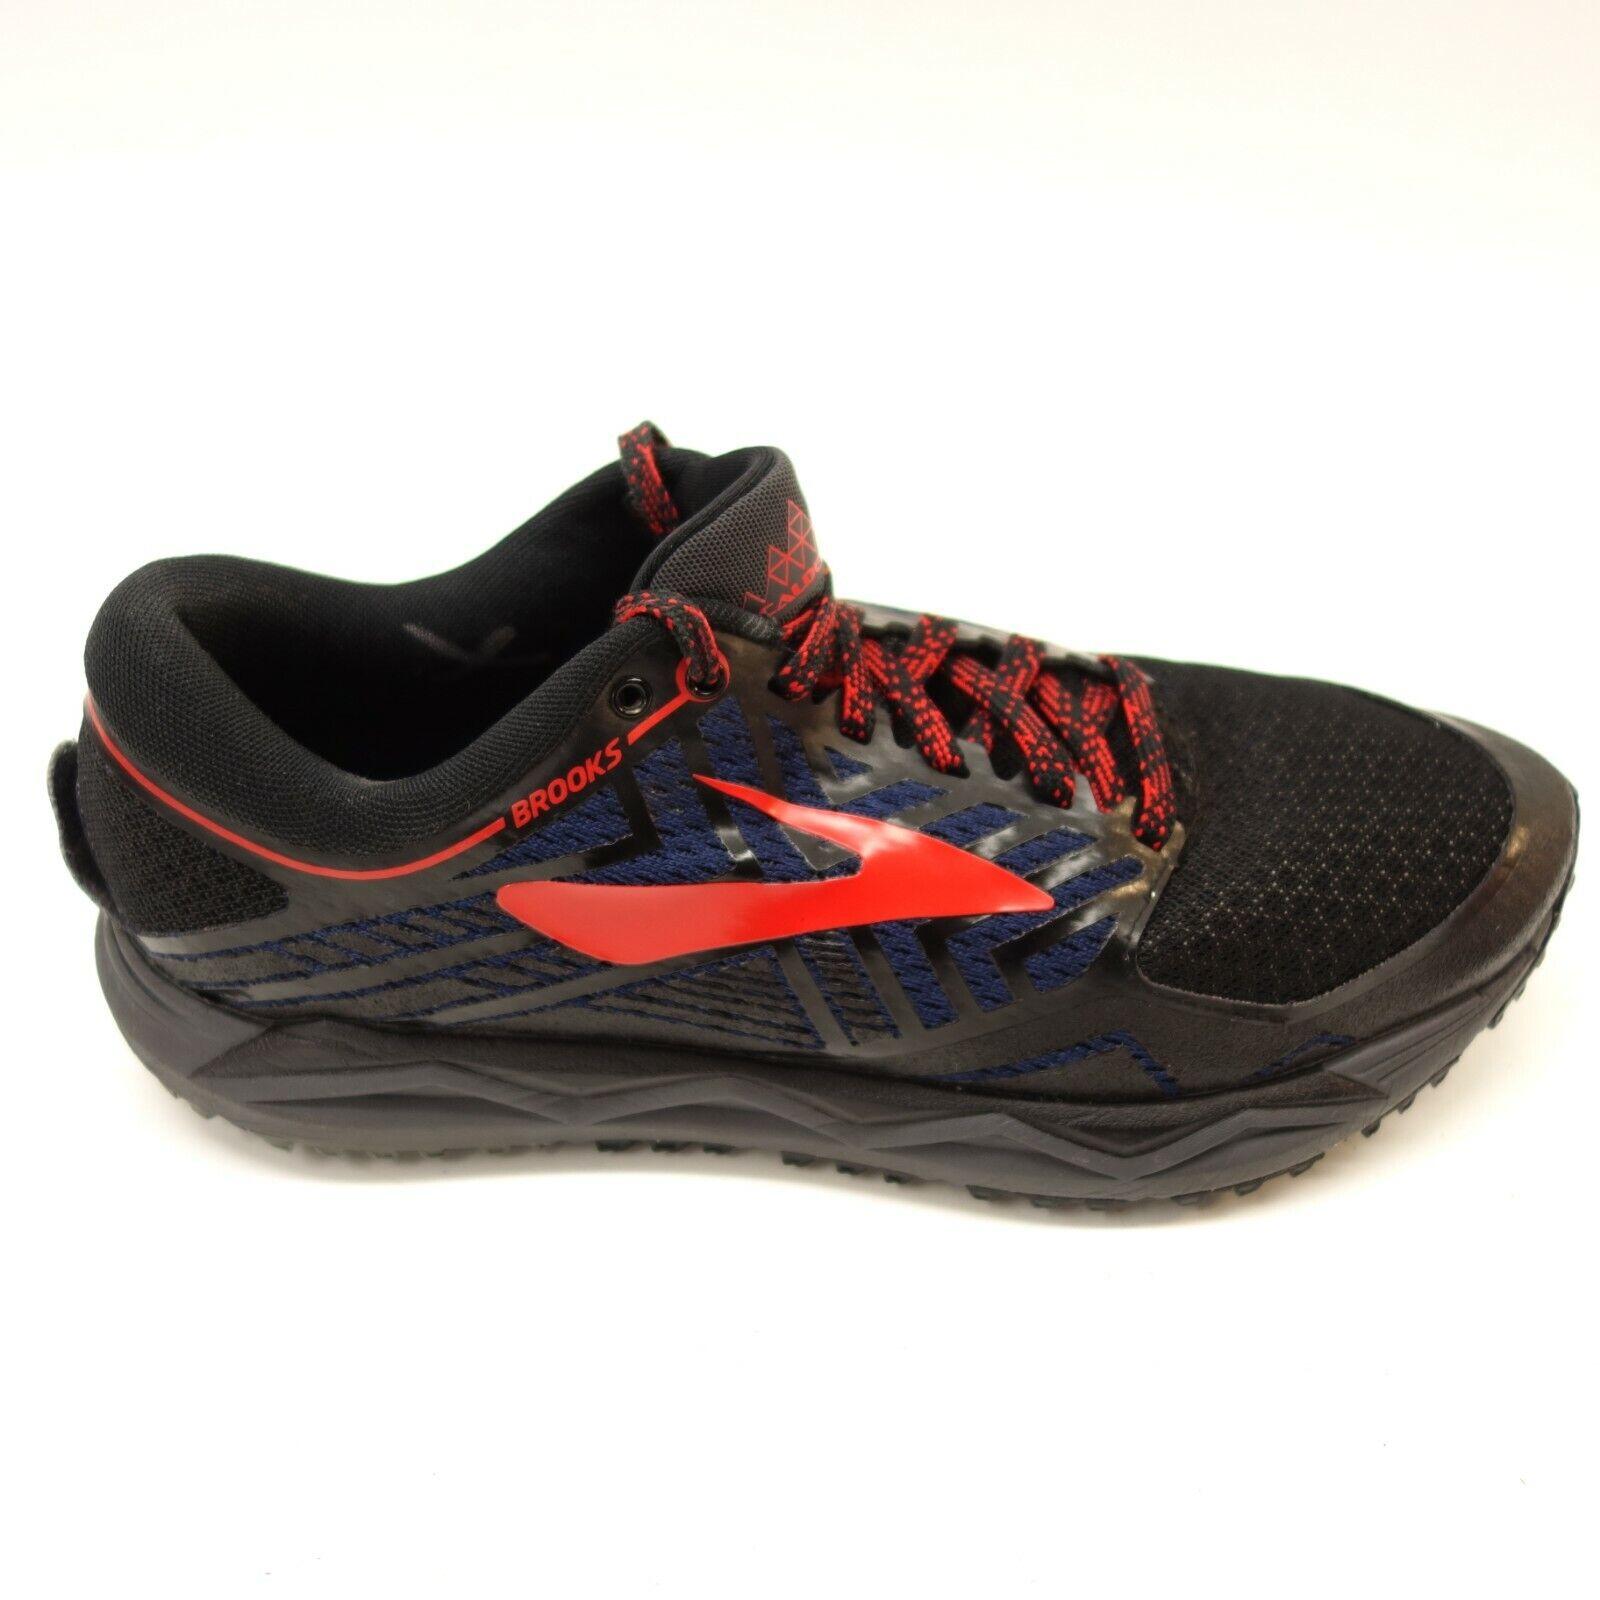 Brooks Herren Caldera 2 Größe 8,5 Schwarz Gelände Trail Run Athletic